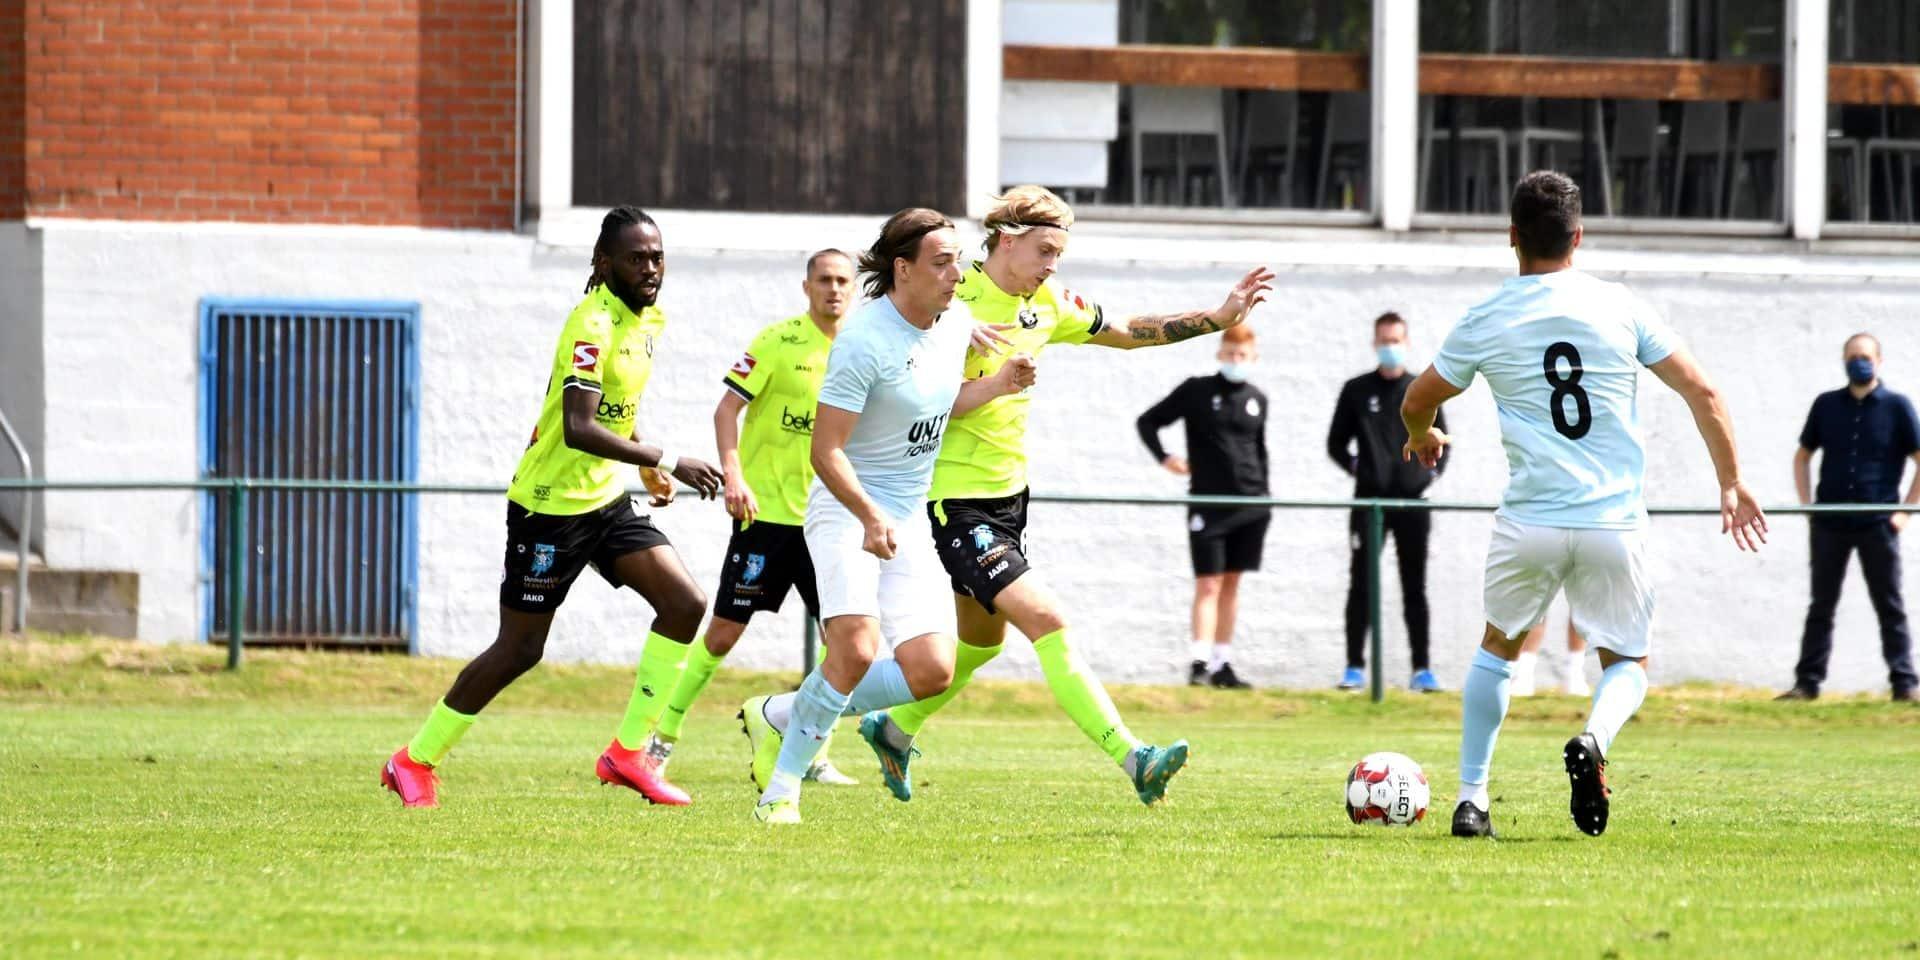 Mazzù et l'Union s'inclinent pour leur premier amical de la saison face au Crossing Schaerbeek (1-0)